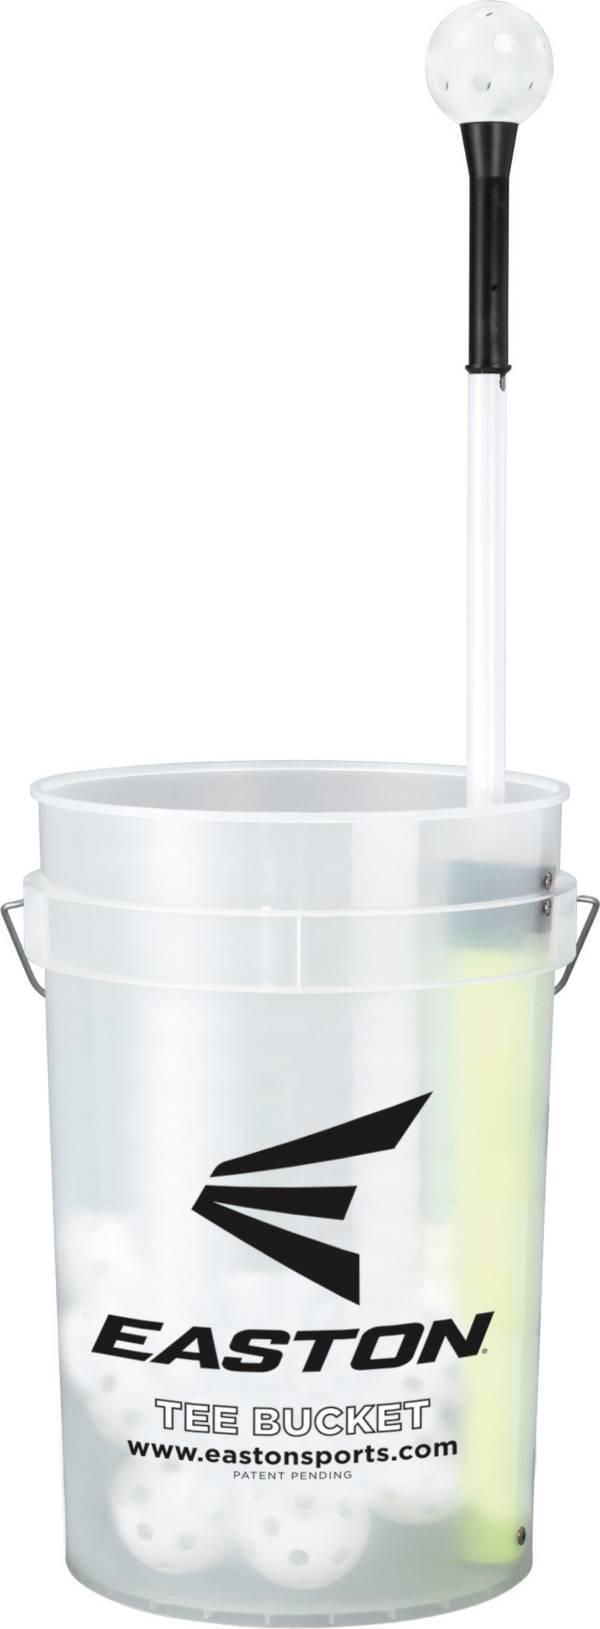 Easton Tee Bucket w/ 30 Training Balls product image